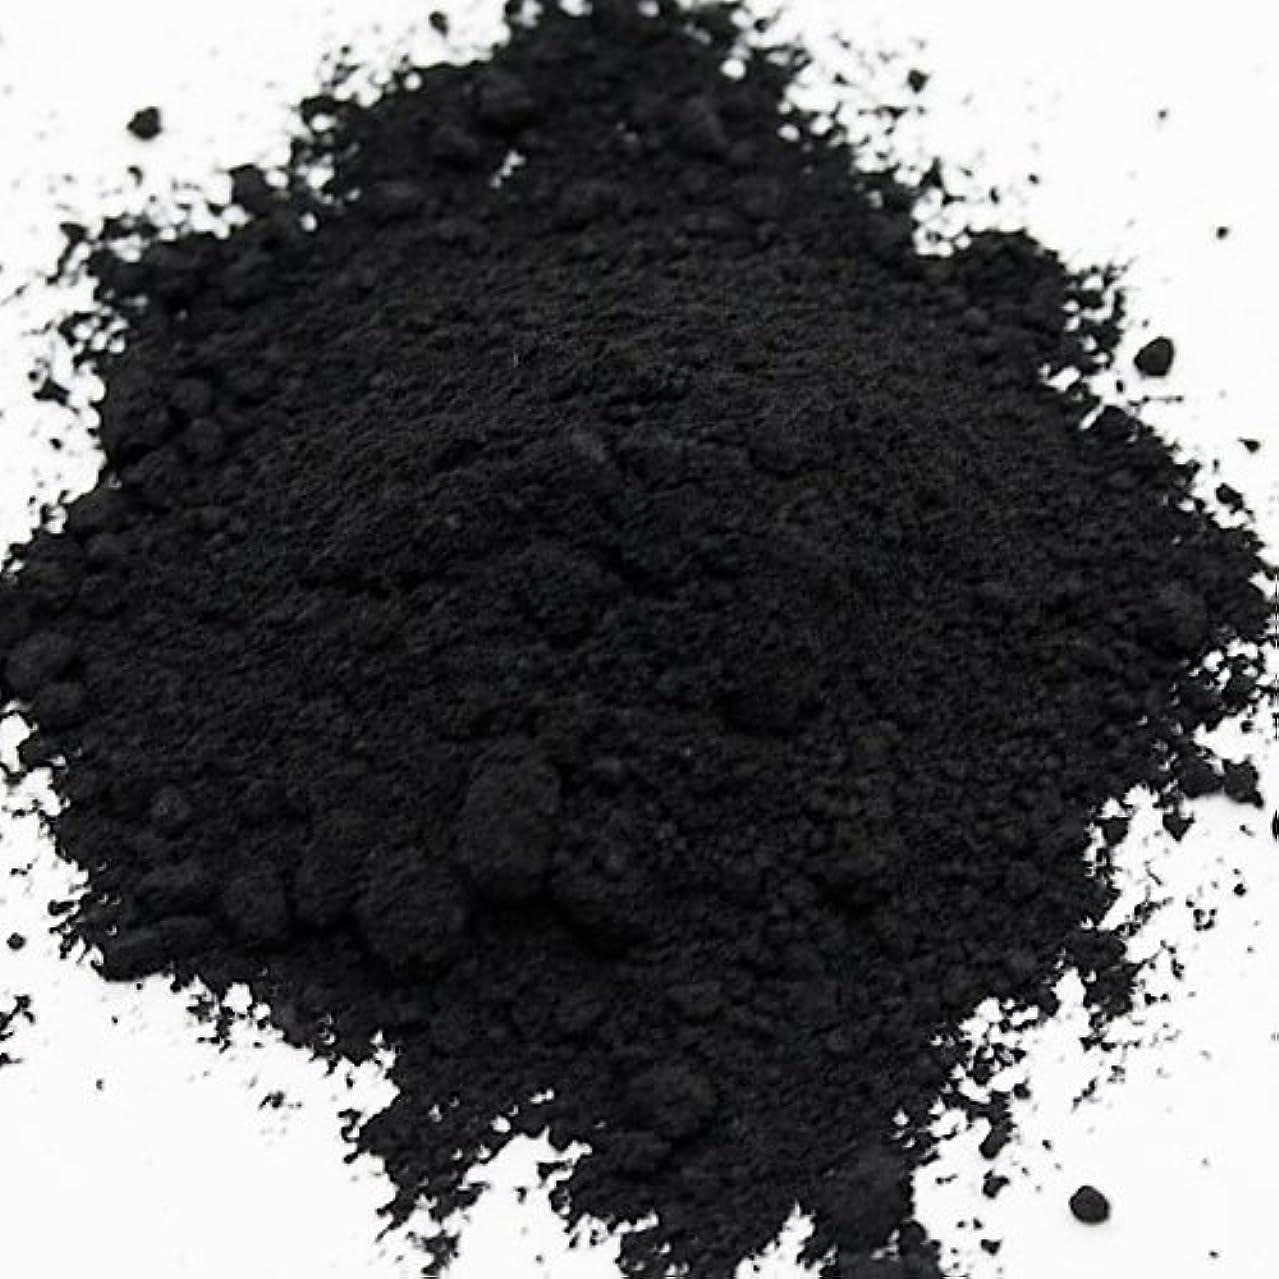 許す模倣情熱的酸化鉄 ブラック 5g 【手作り石鹸/手作りコスメ/色付け/カラーラント/黒】